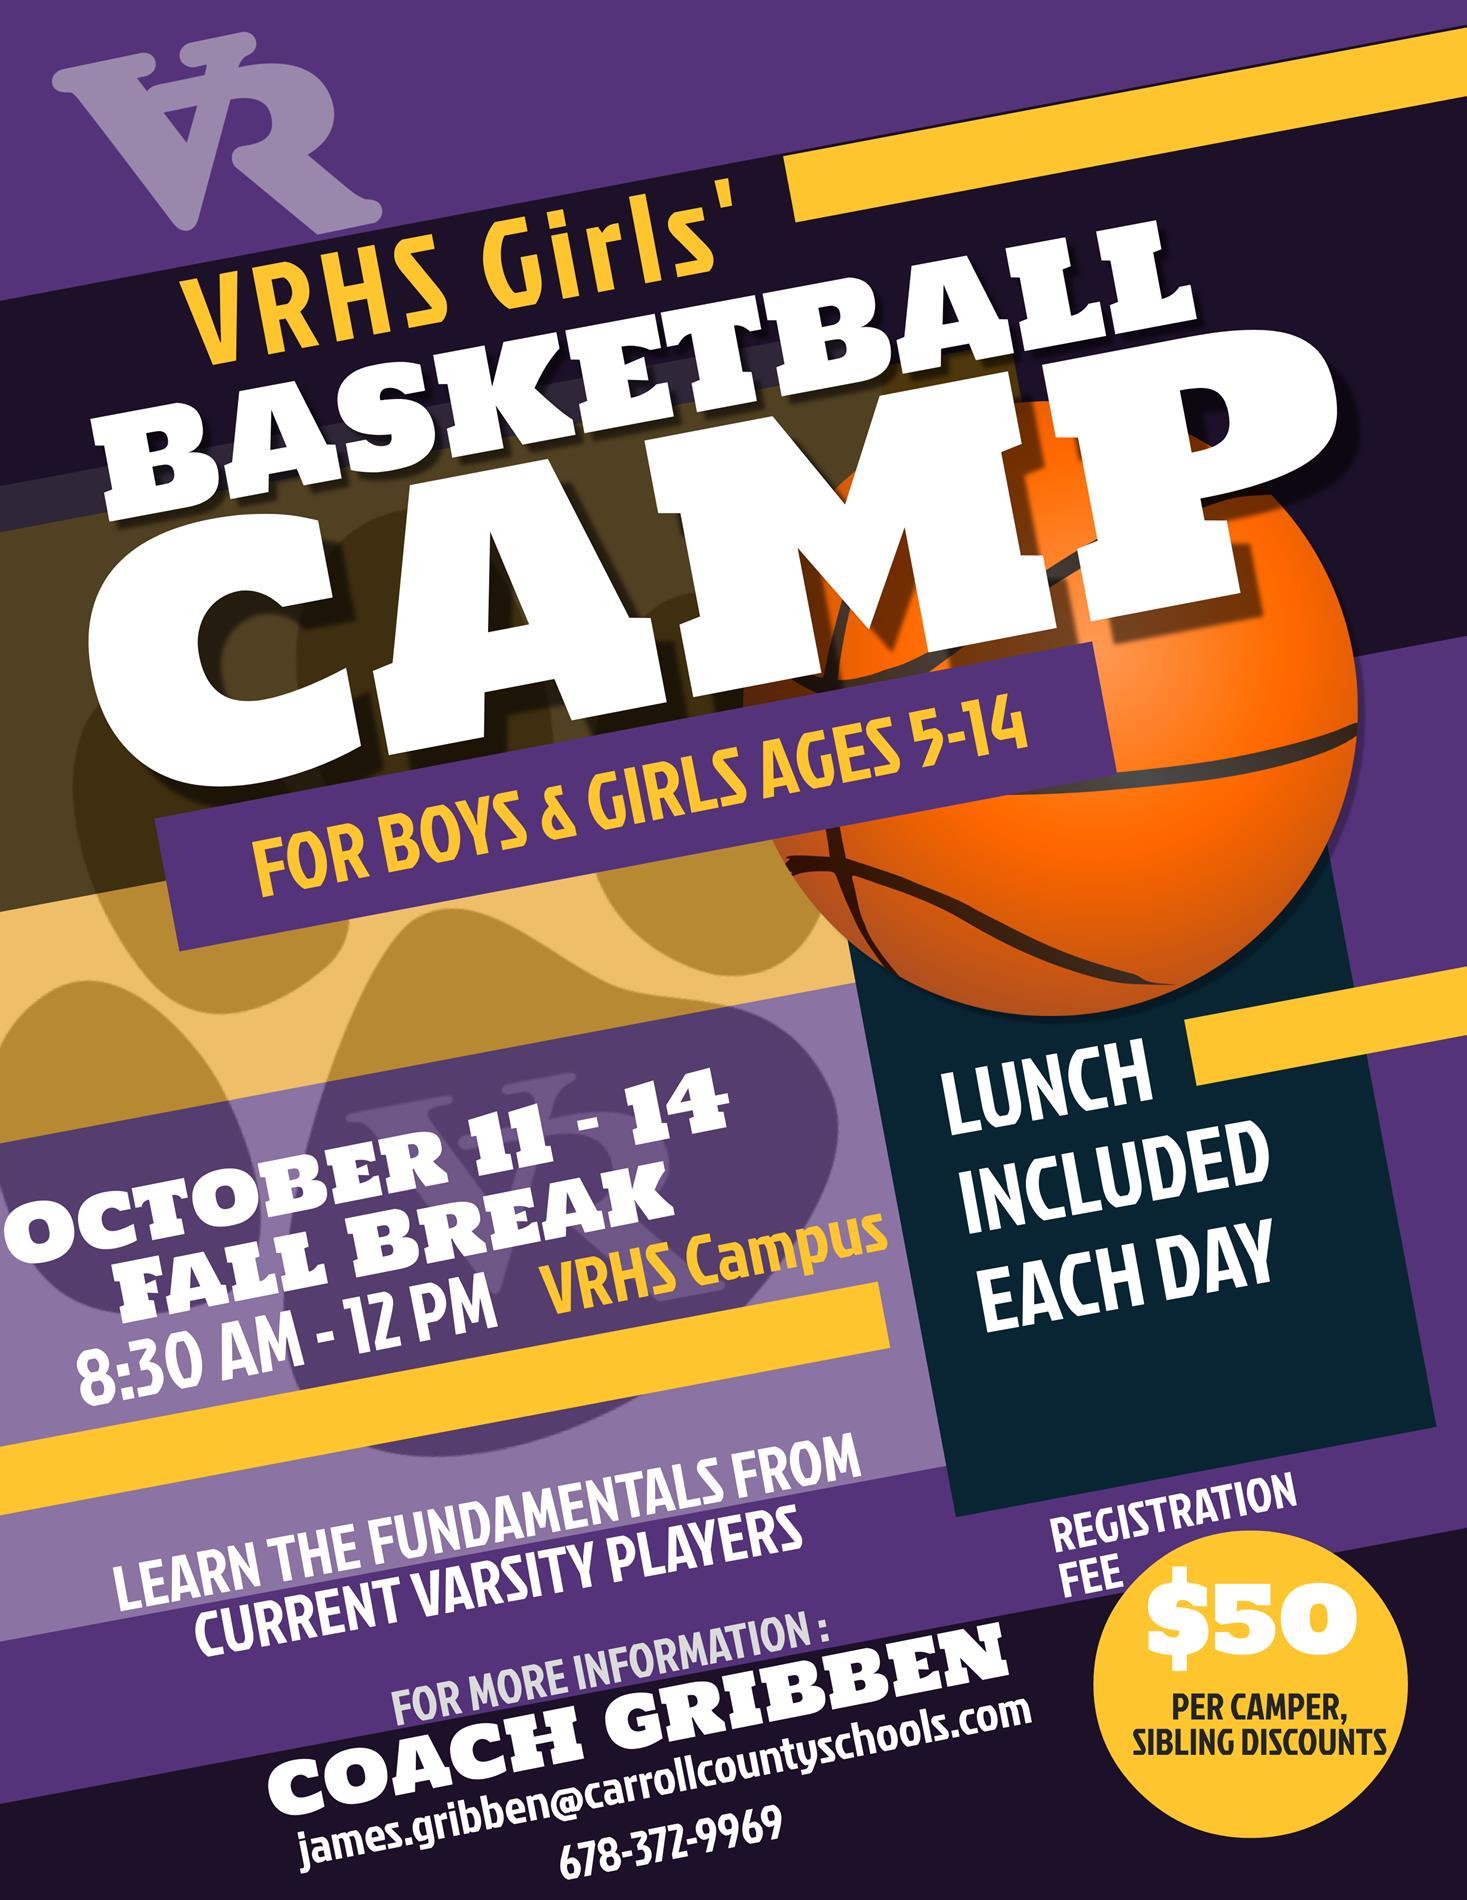 VRHS Girls Basketball Camp flyer